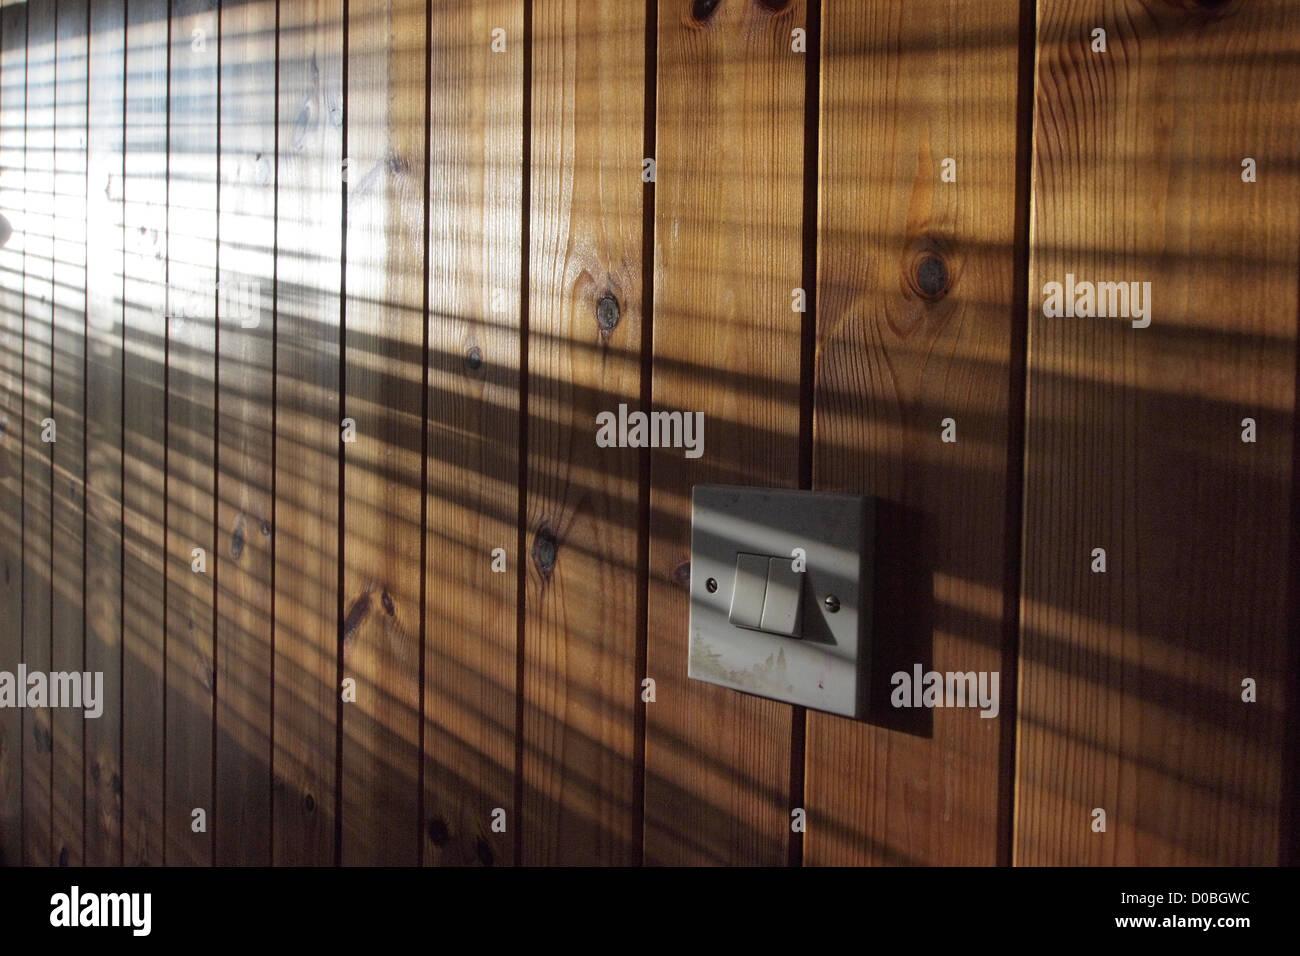 Paneles de listones de madera bricolaje casa remodelación interior Imagen De Stock